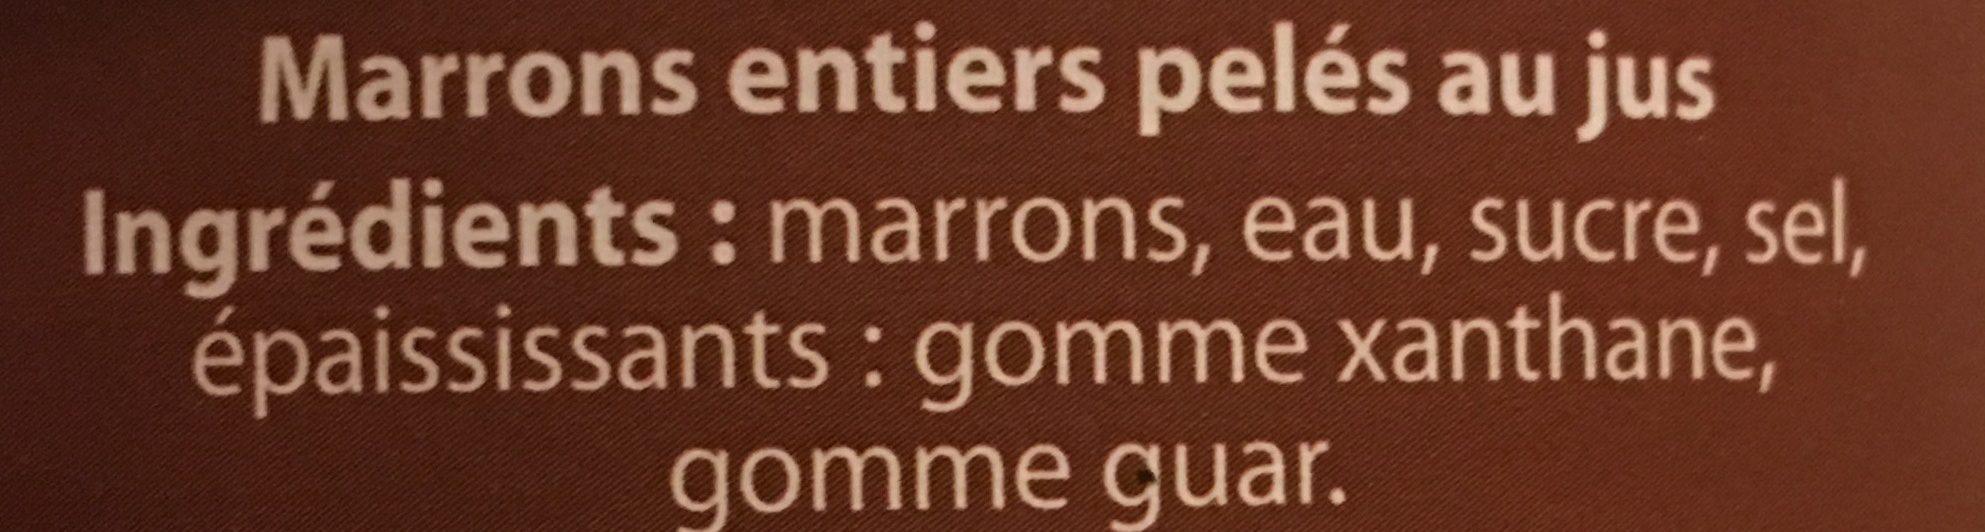 Marrons Entiers - Ingredients